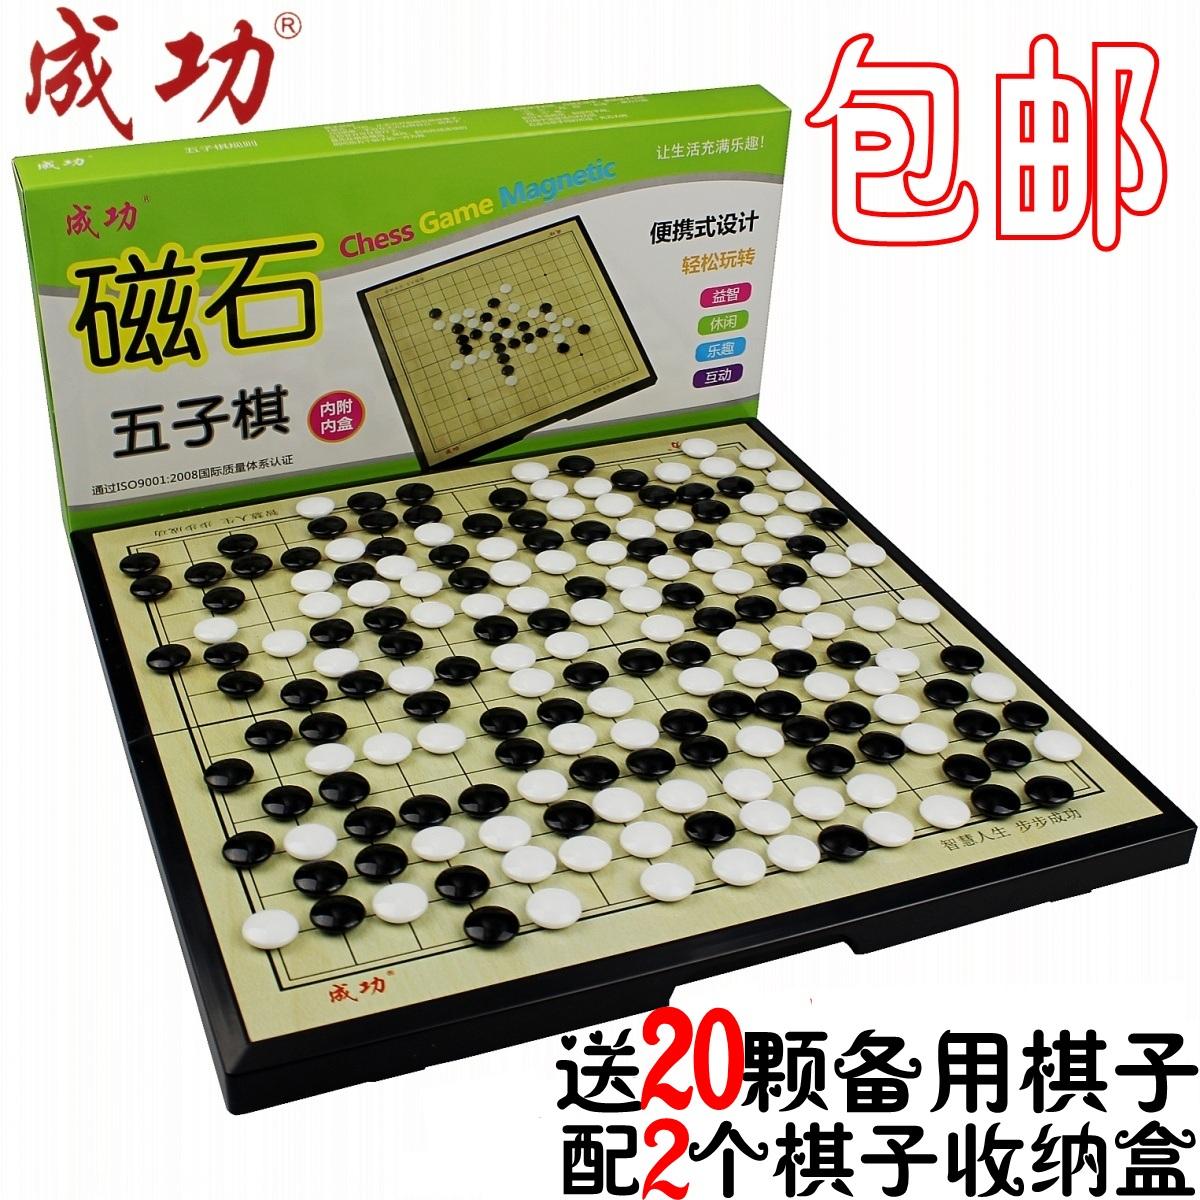 Пять сын шахматы успех подлинный магнитный большой размер сложить шахматная доска установите ребенок головоломка черно-белое кусок игрушка бесплатная доставка